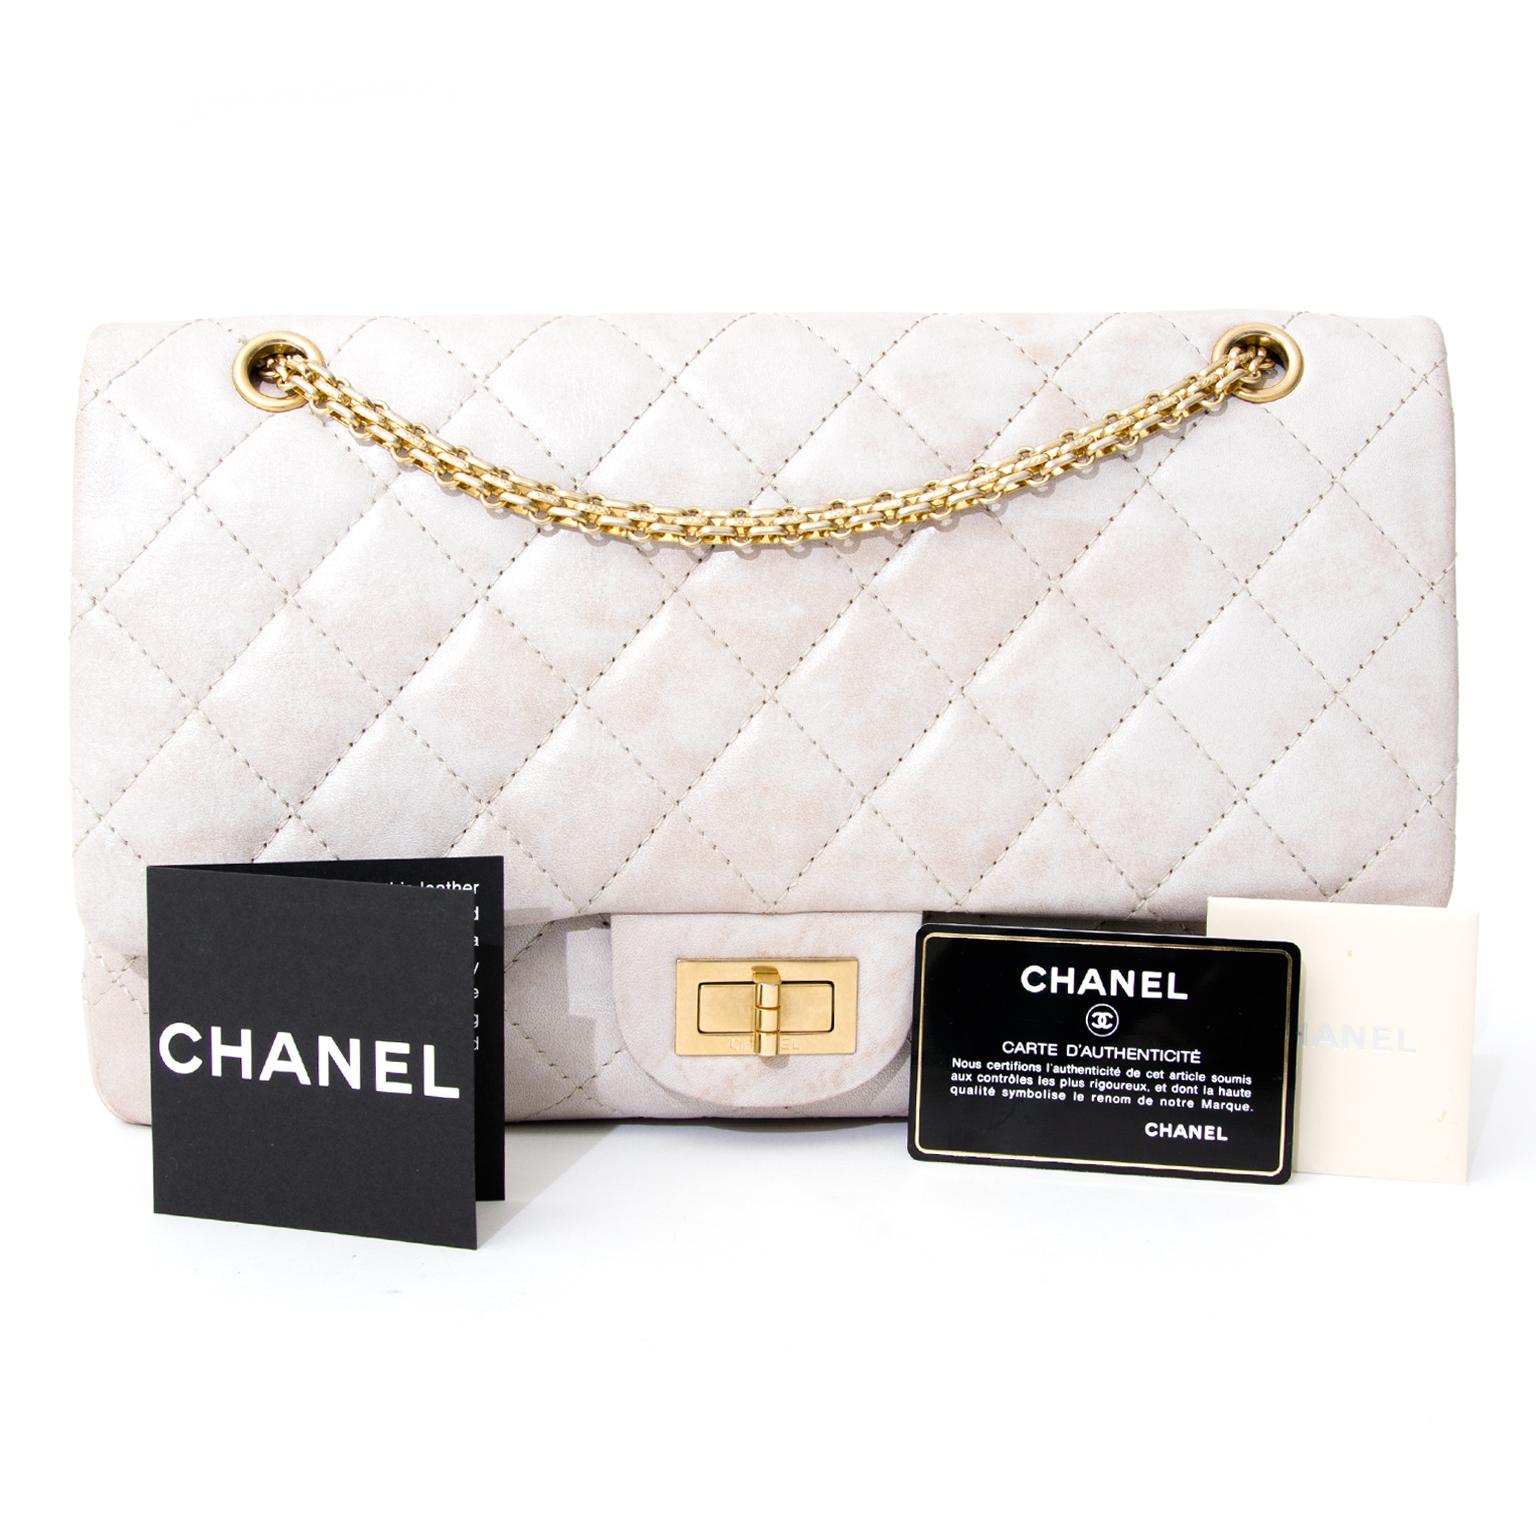 koop veilig online tweedehands Chanel SS11 Act I Blanc Foncé Calfskin Reissue 227 with GHW